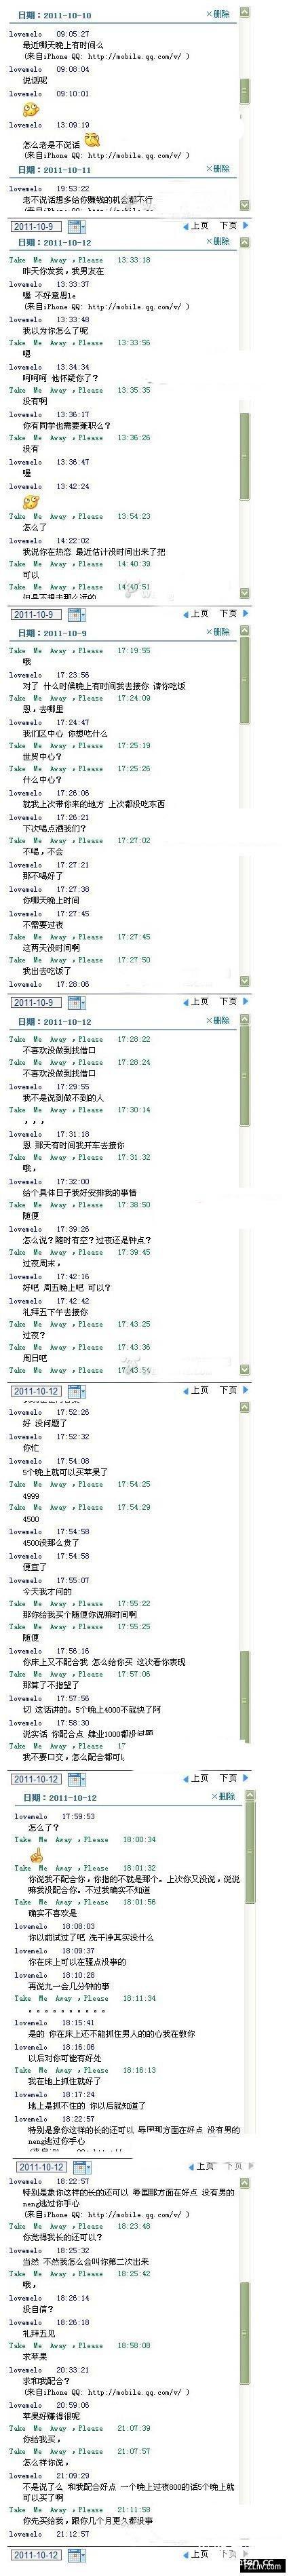 陈珂妮iphone女为买苹果4愿陪睡五天(不雅观照)完整聊天记录